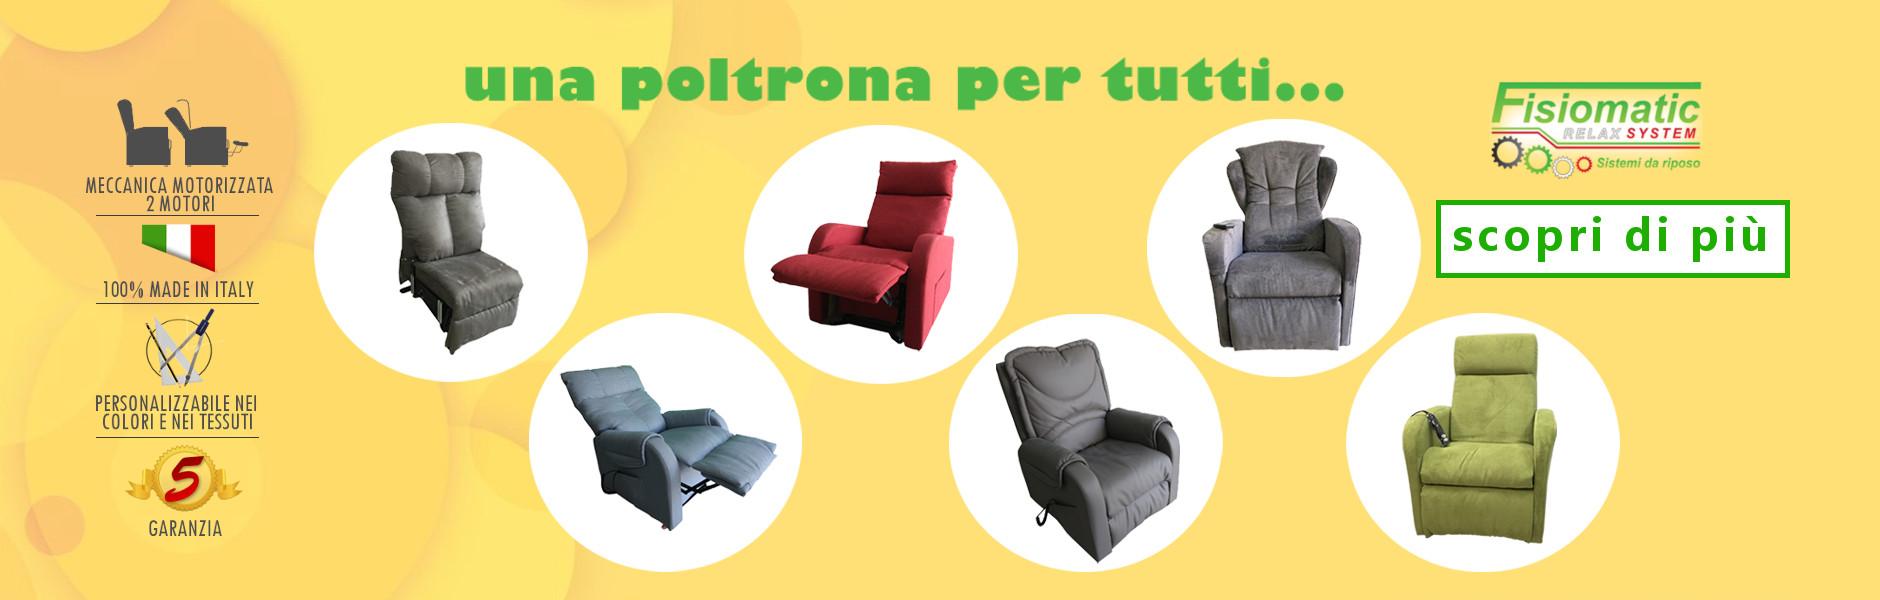 slide-poltrone-su-misura-roma